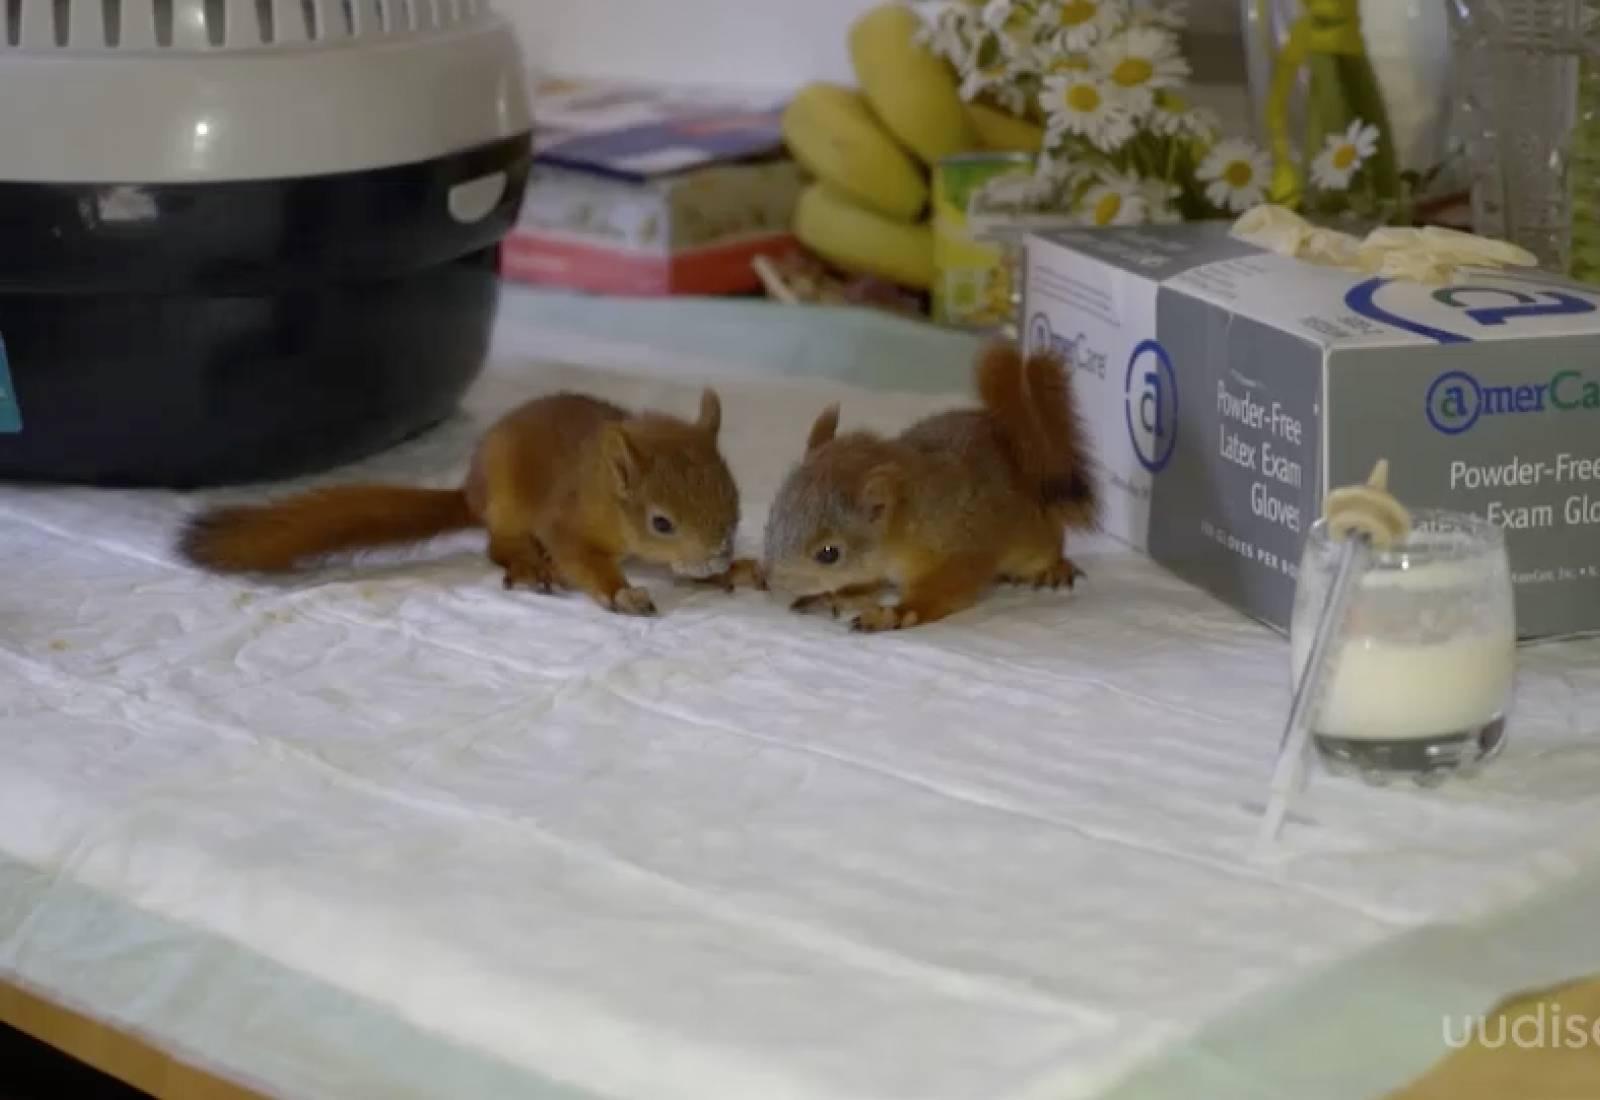 VIDEO! Ettevaatust, oravapojale mõjub lehmapiim surmavalt! Kui leiad oravapoja, võta ühendust metsloomaühinguga!